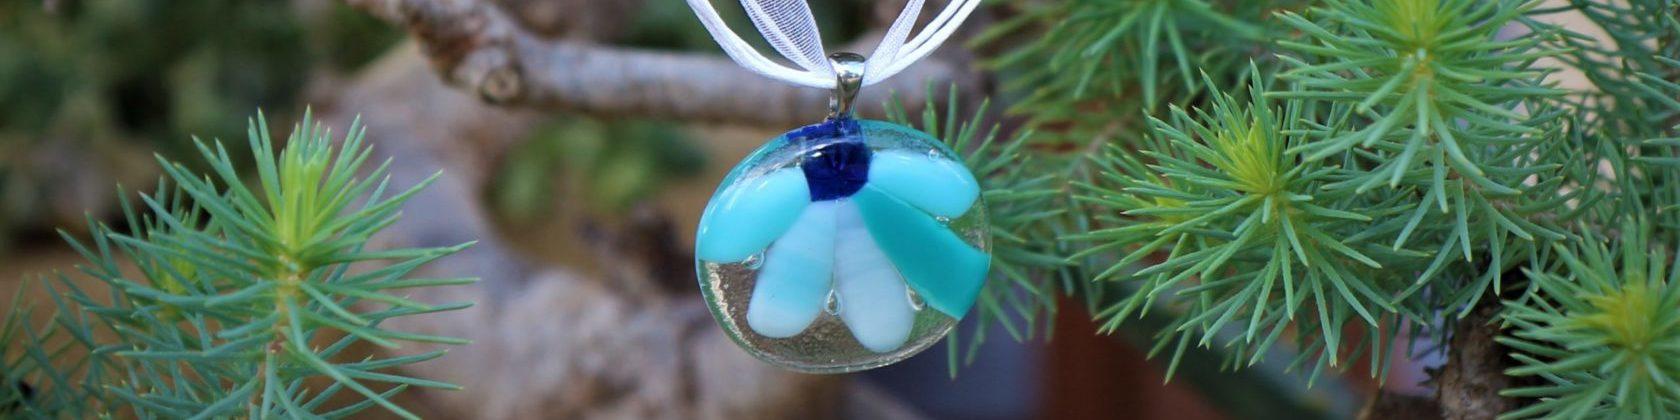 Pendentif rond en verre et motif pétales bleu